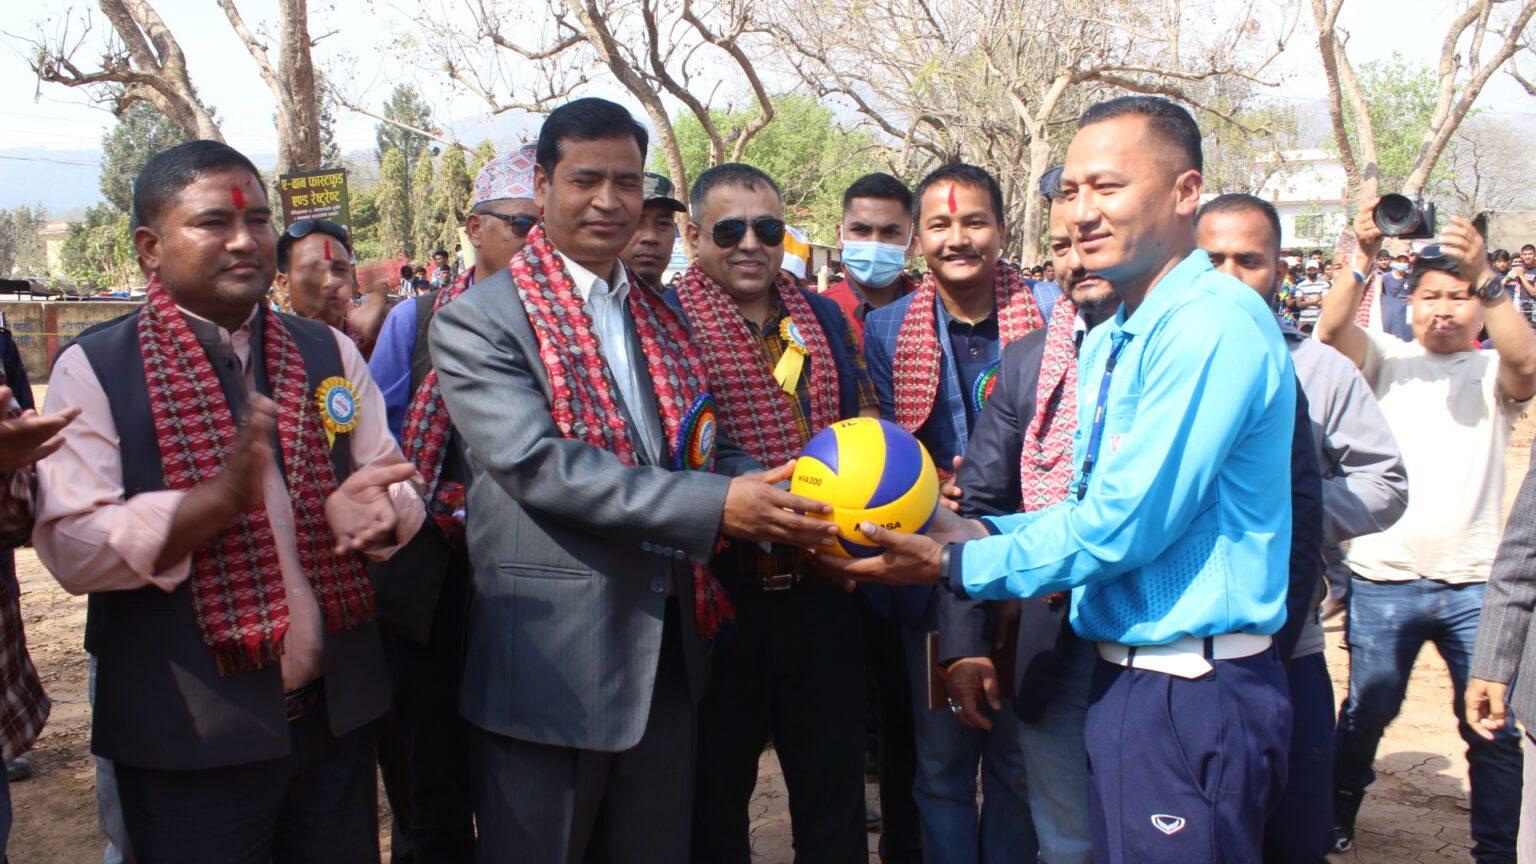 चुली कप २०७७: नेपाल आर्मीको बिजयी शुरुवात